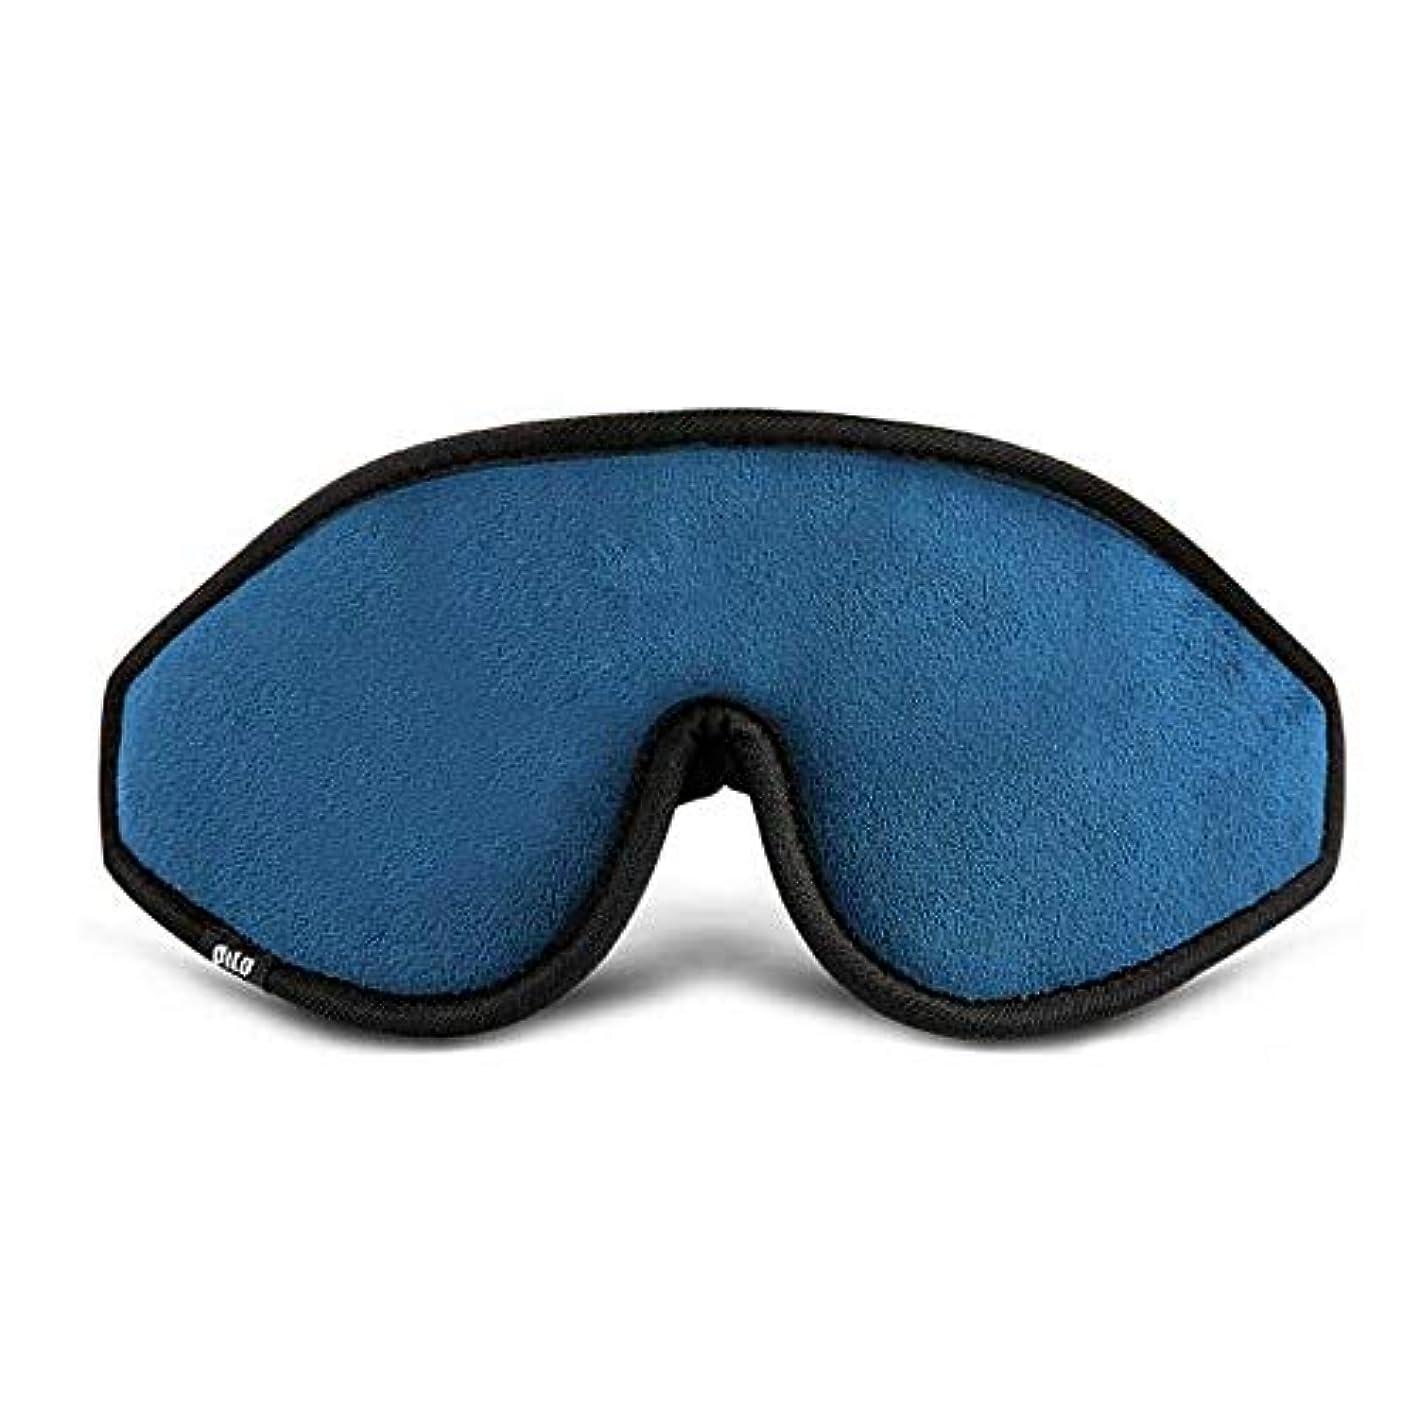 思春期消える負HUICHEN 3D立体ゴーグルゴーグル睡眠睡眠停電ゴーグル素敵な男性と女性のない睡眠補助ゴーグルアイゴーグル圧力 (Color : Blue)